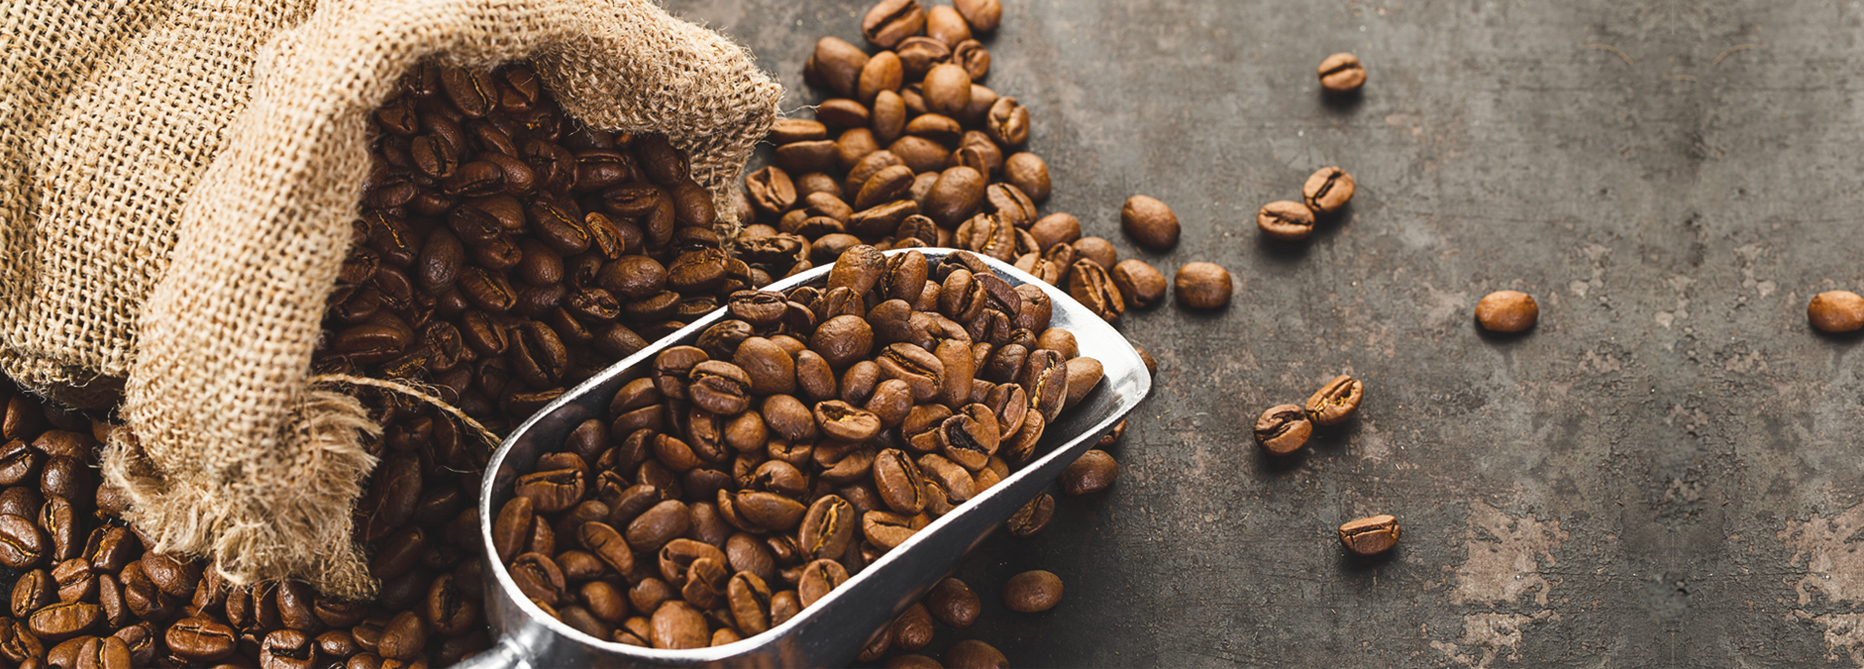 Miscele di Caffè in Grani - Caffè in Grani